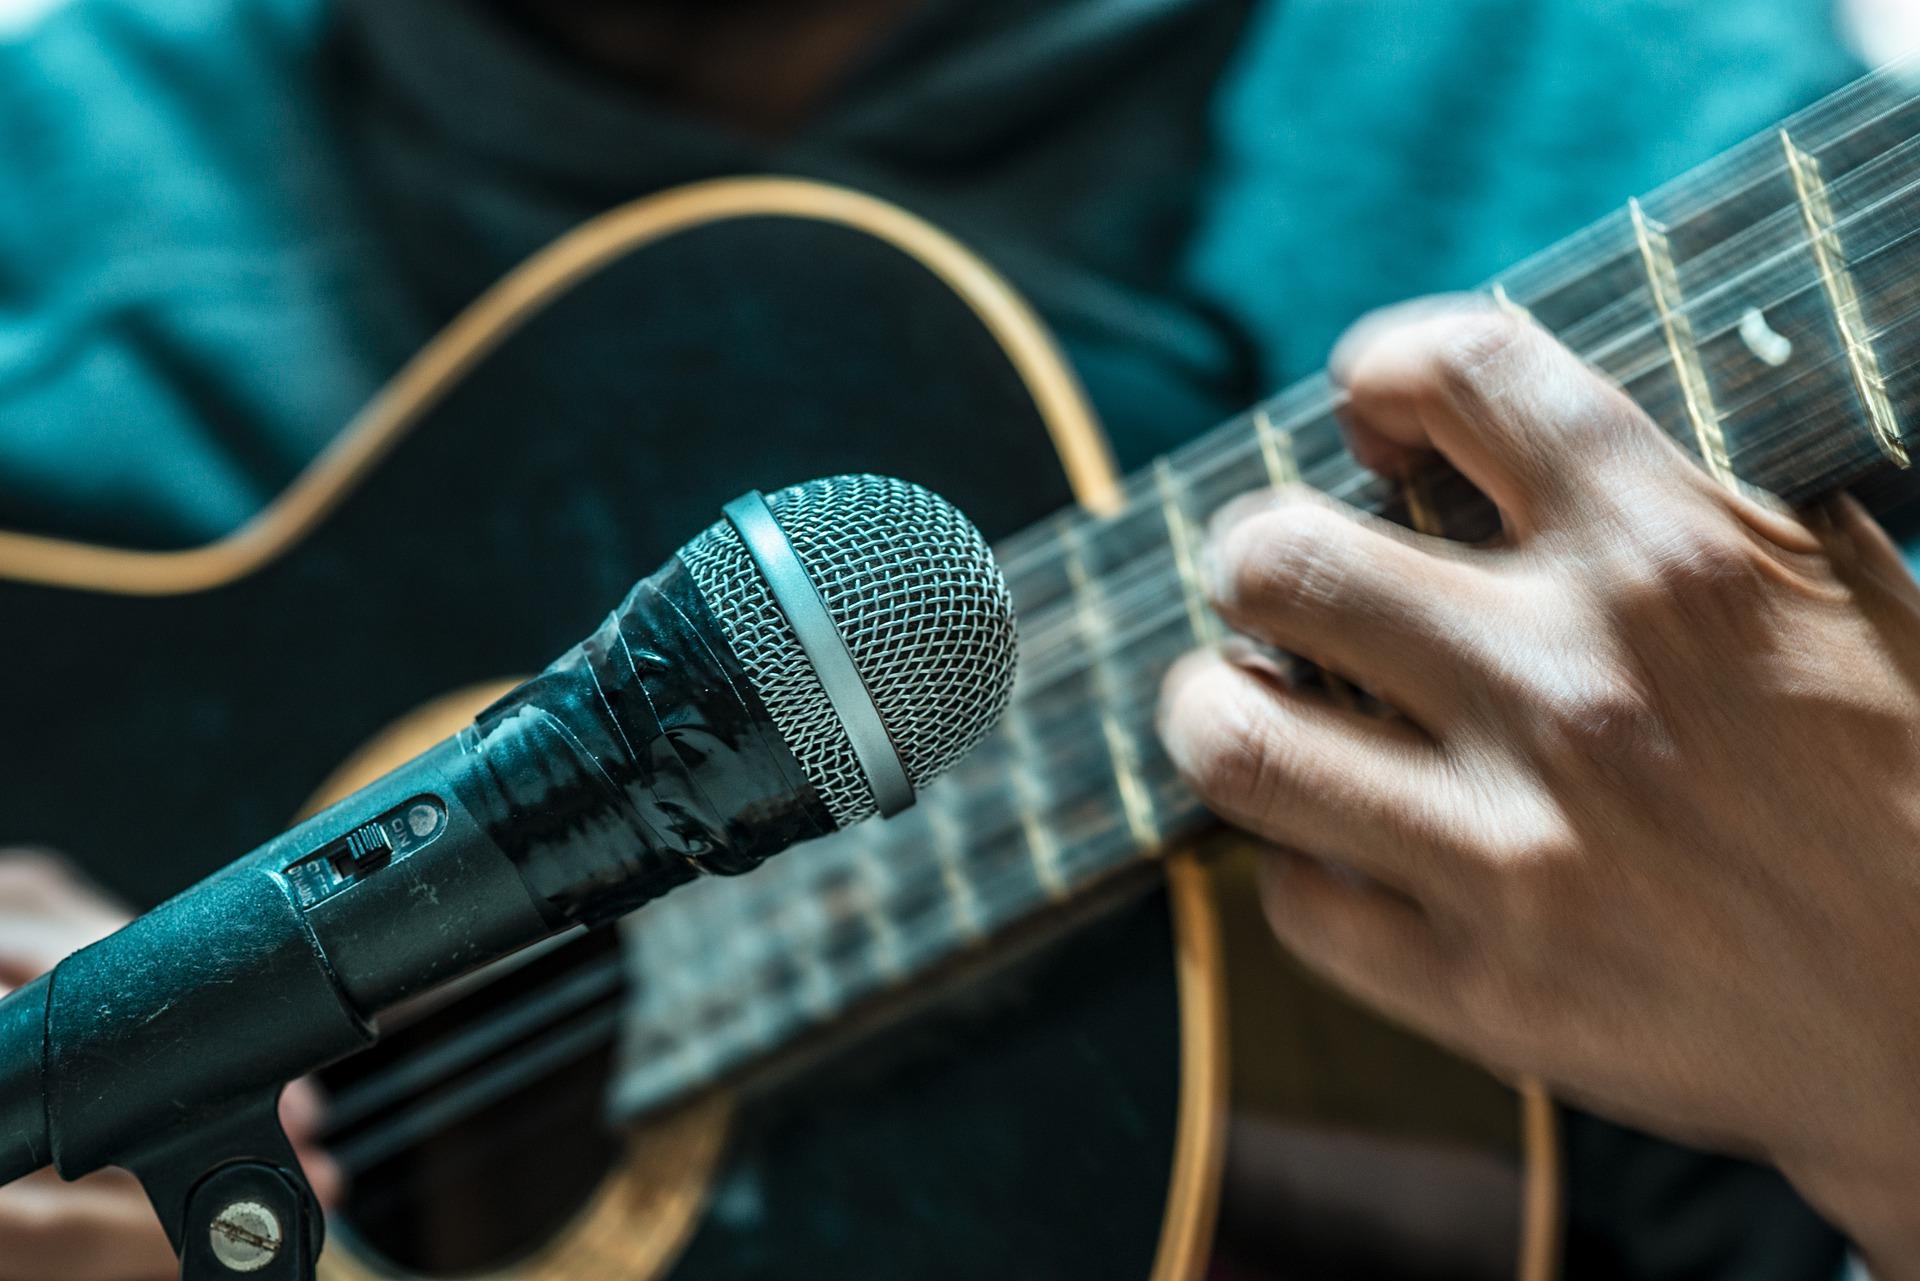 Henkilö soittaa akustista kitaraa lähellä mikrofonia. Lähikuva mikistä, sormista ja pienestä osasta kitaraa.